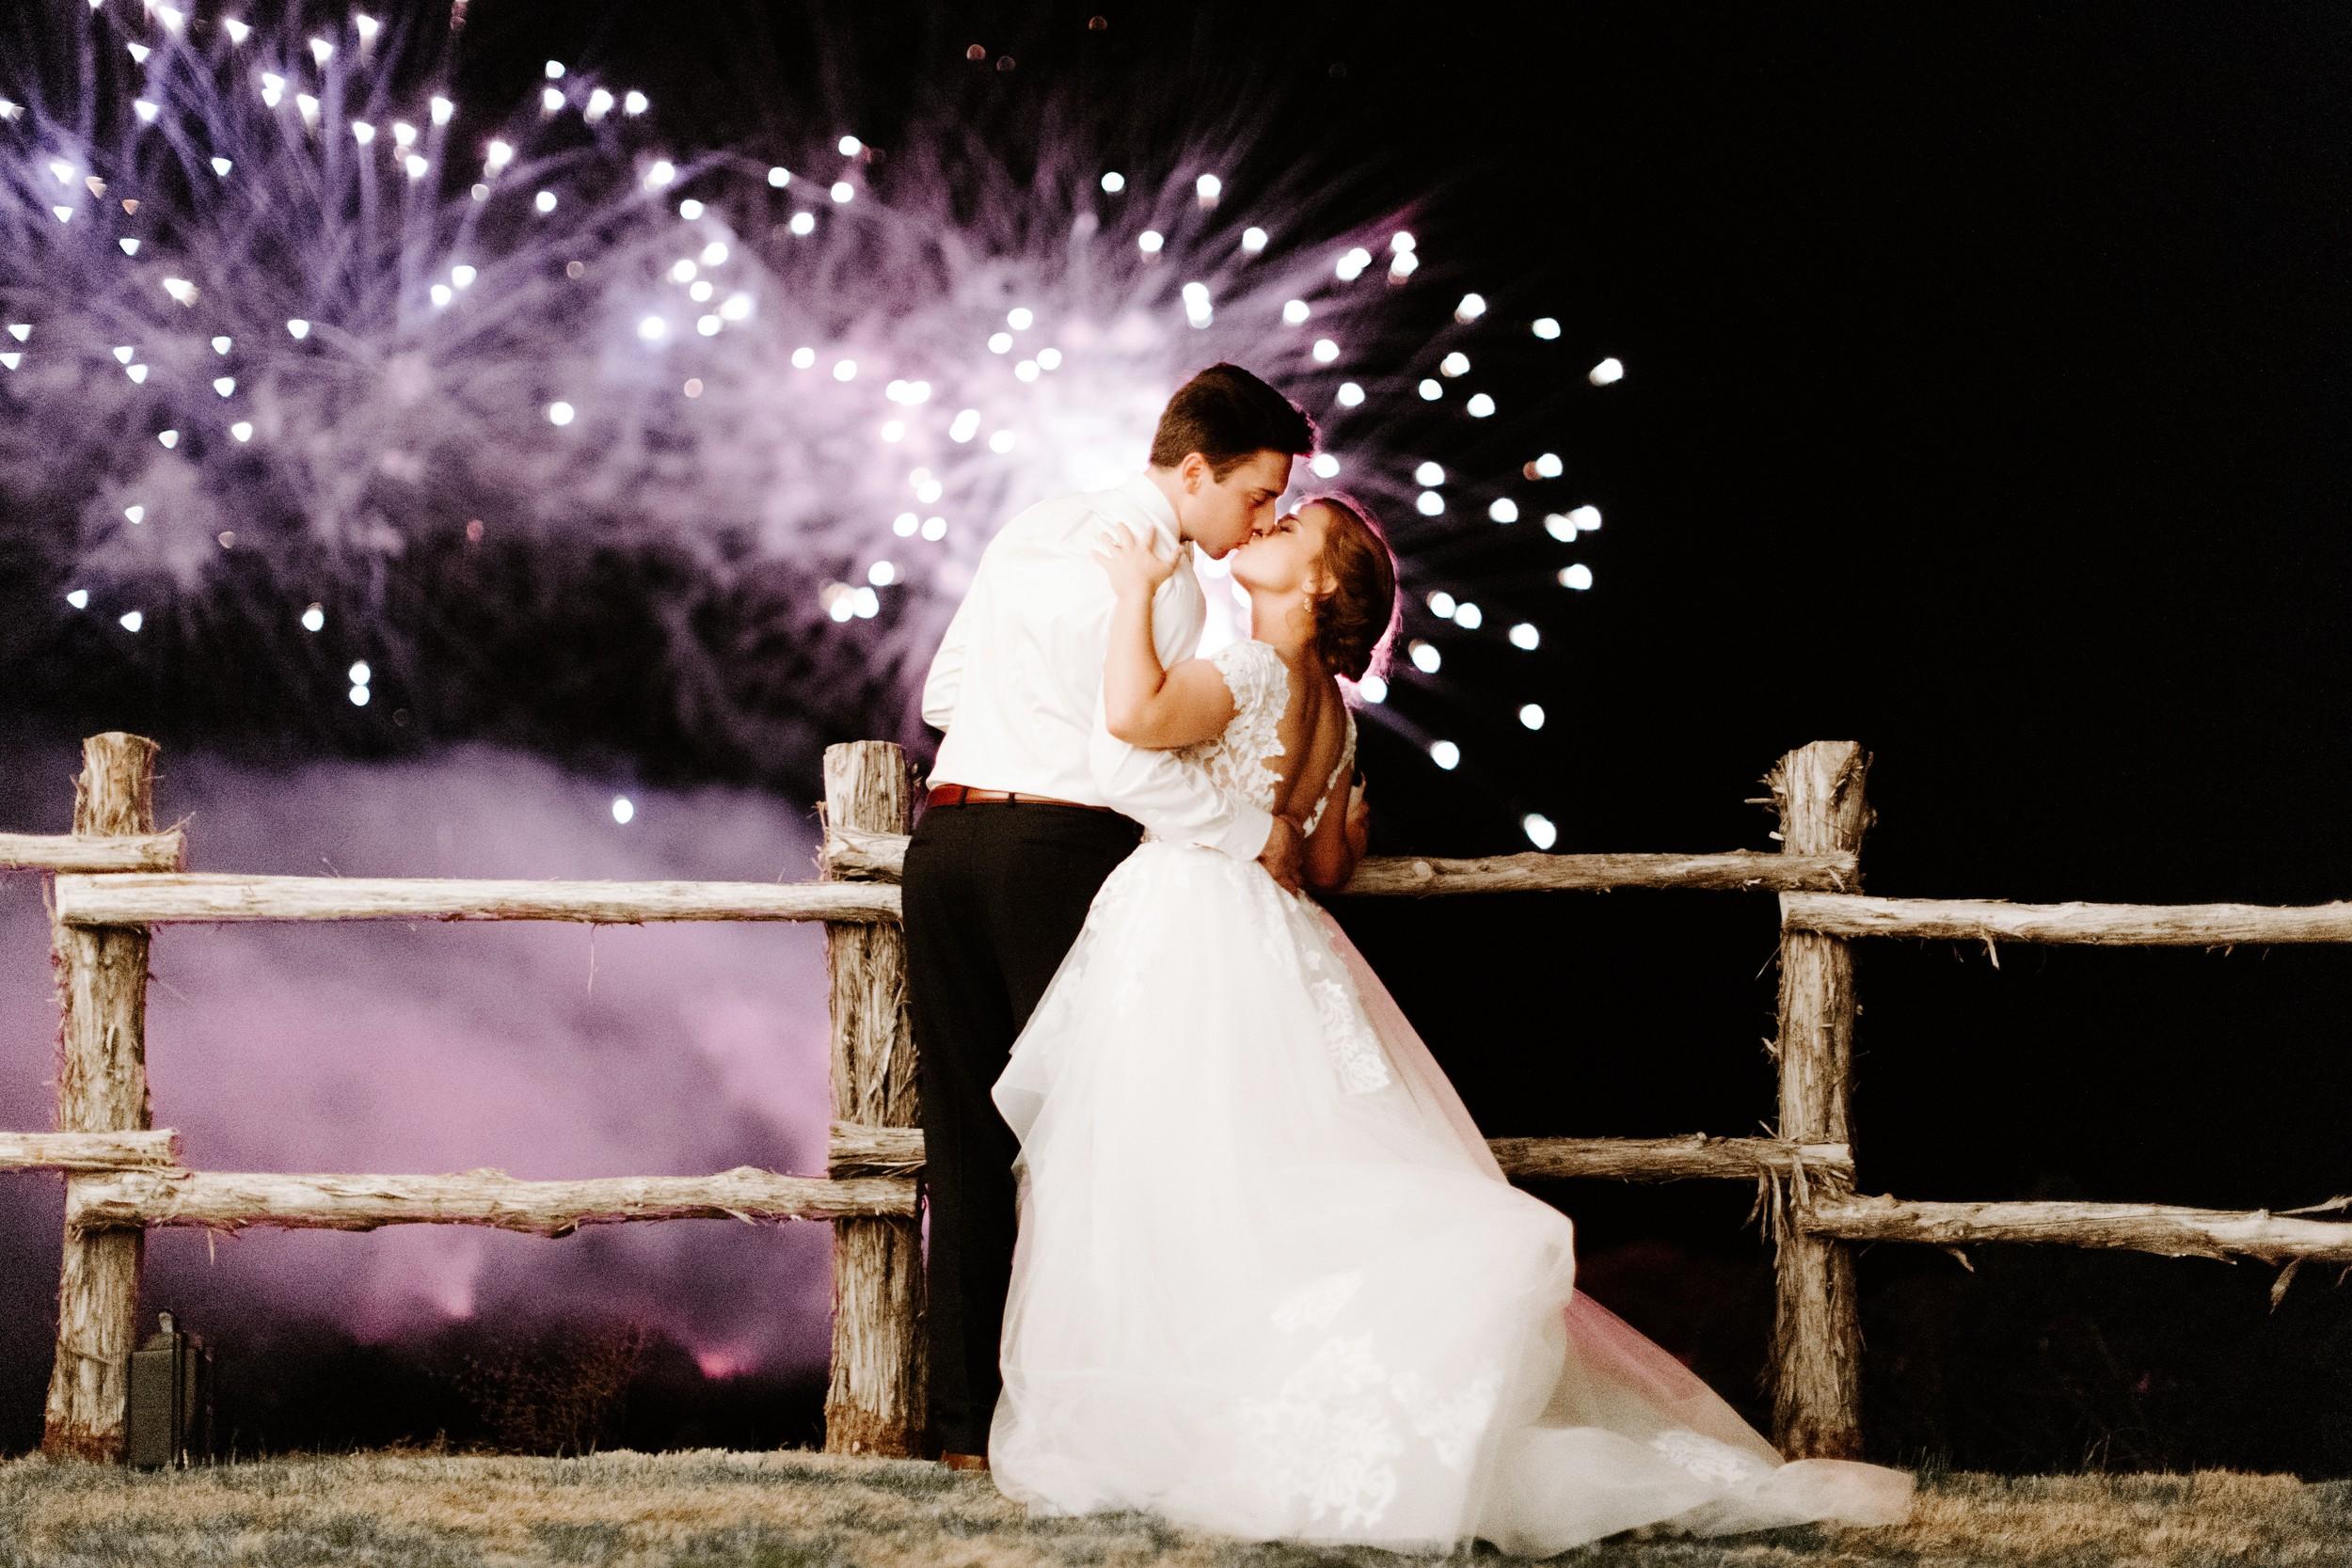 1-MADDY + PATRICK WEDDING_HALEY RYNN RINGO_rent my dust_r (137).jpg